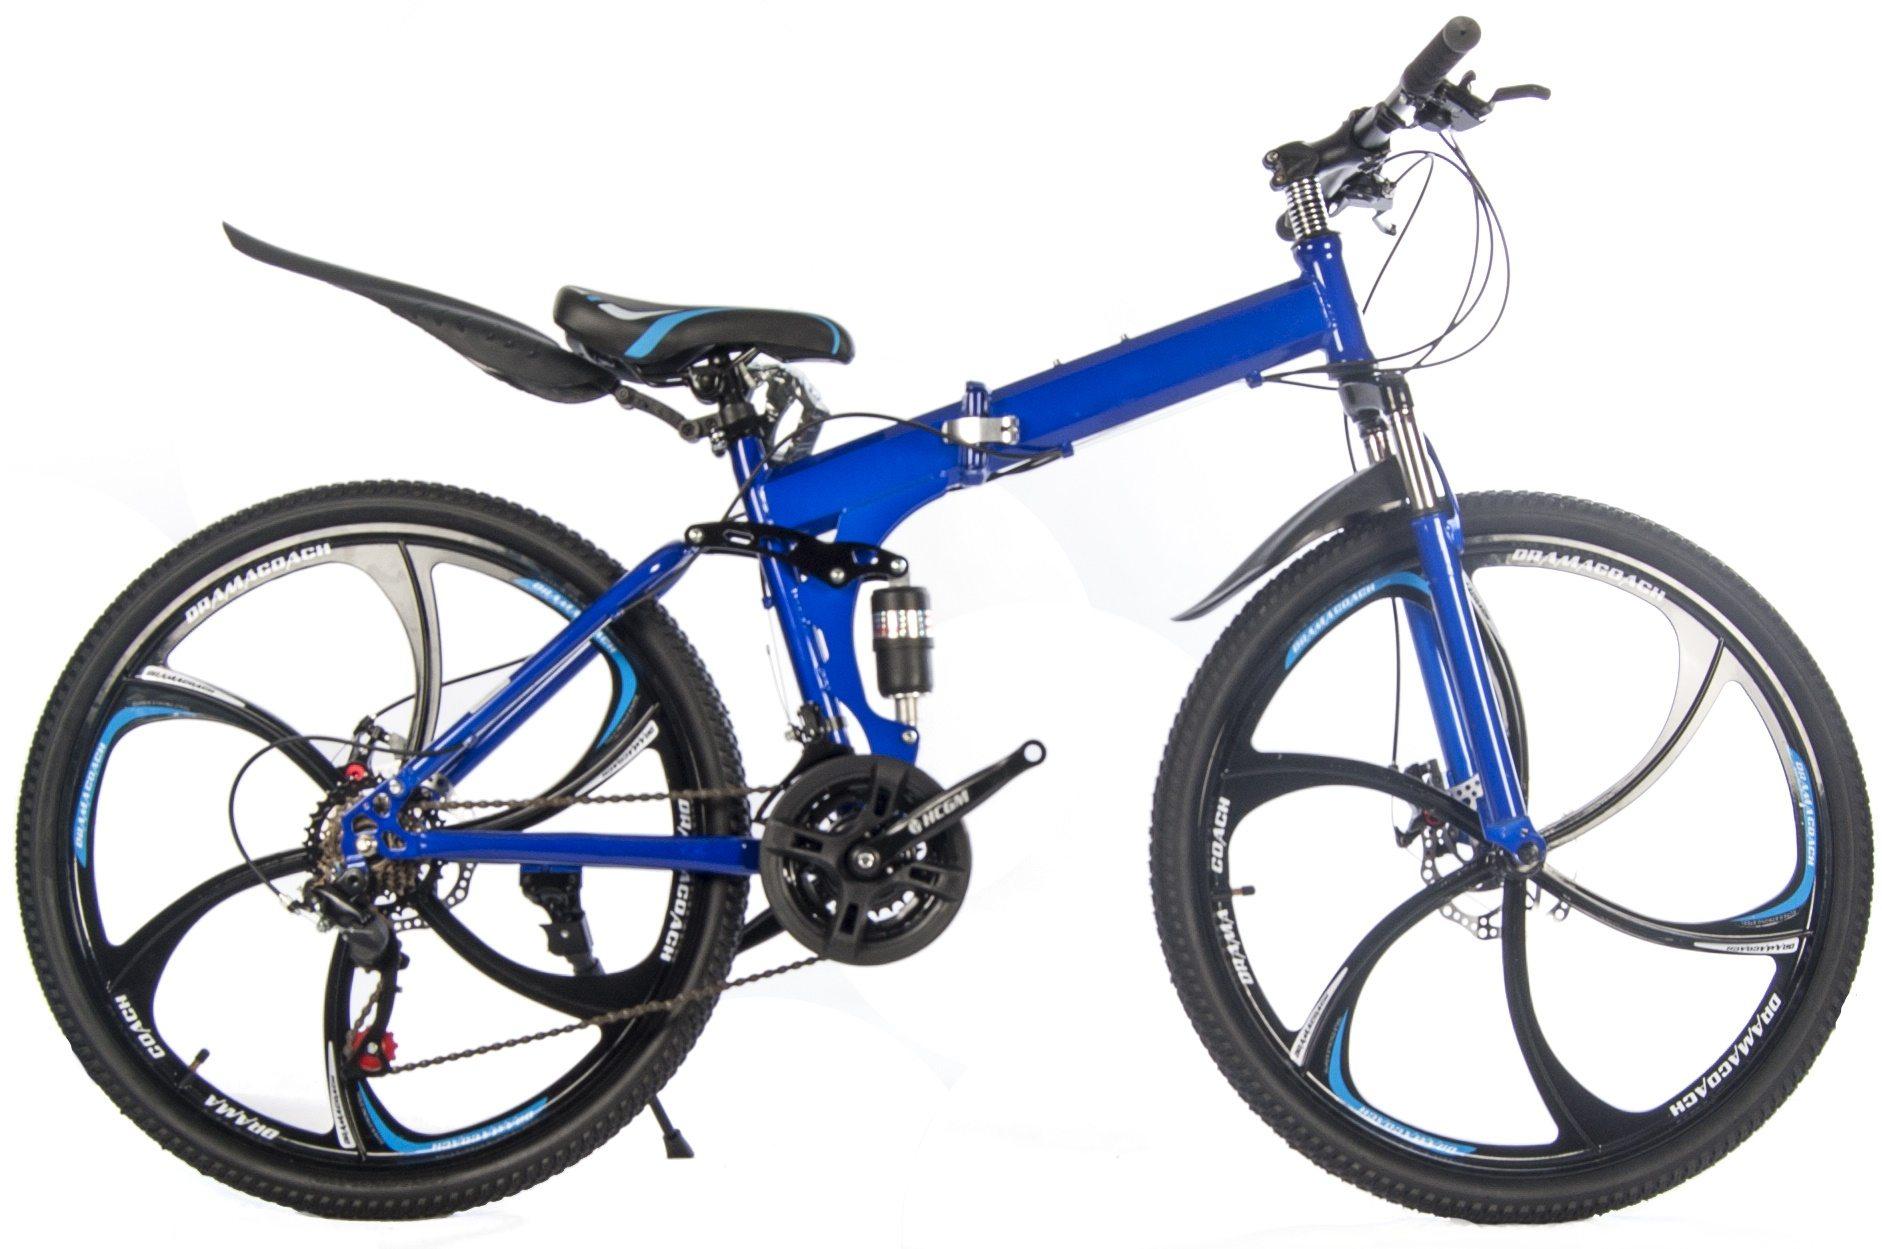 2002 T Горный велосипед на литых дисках